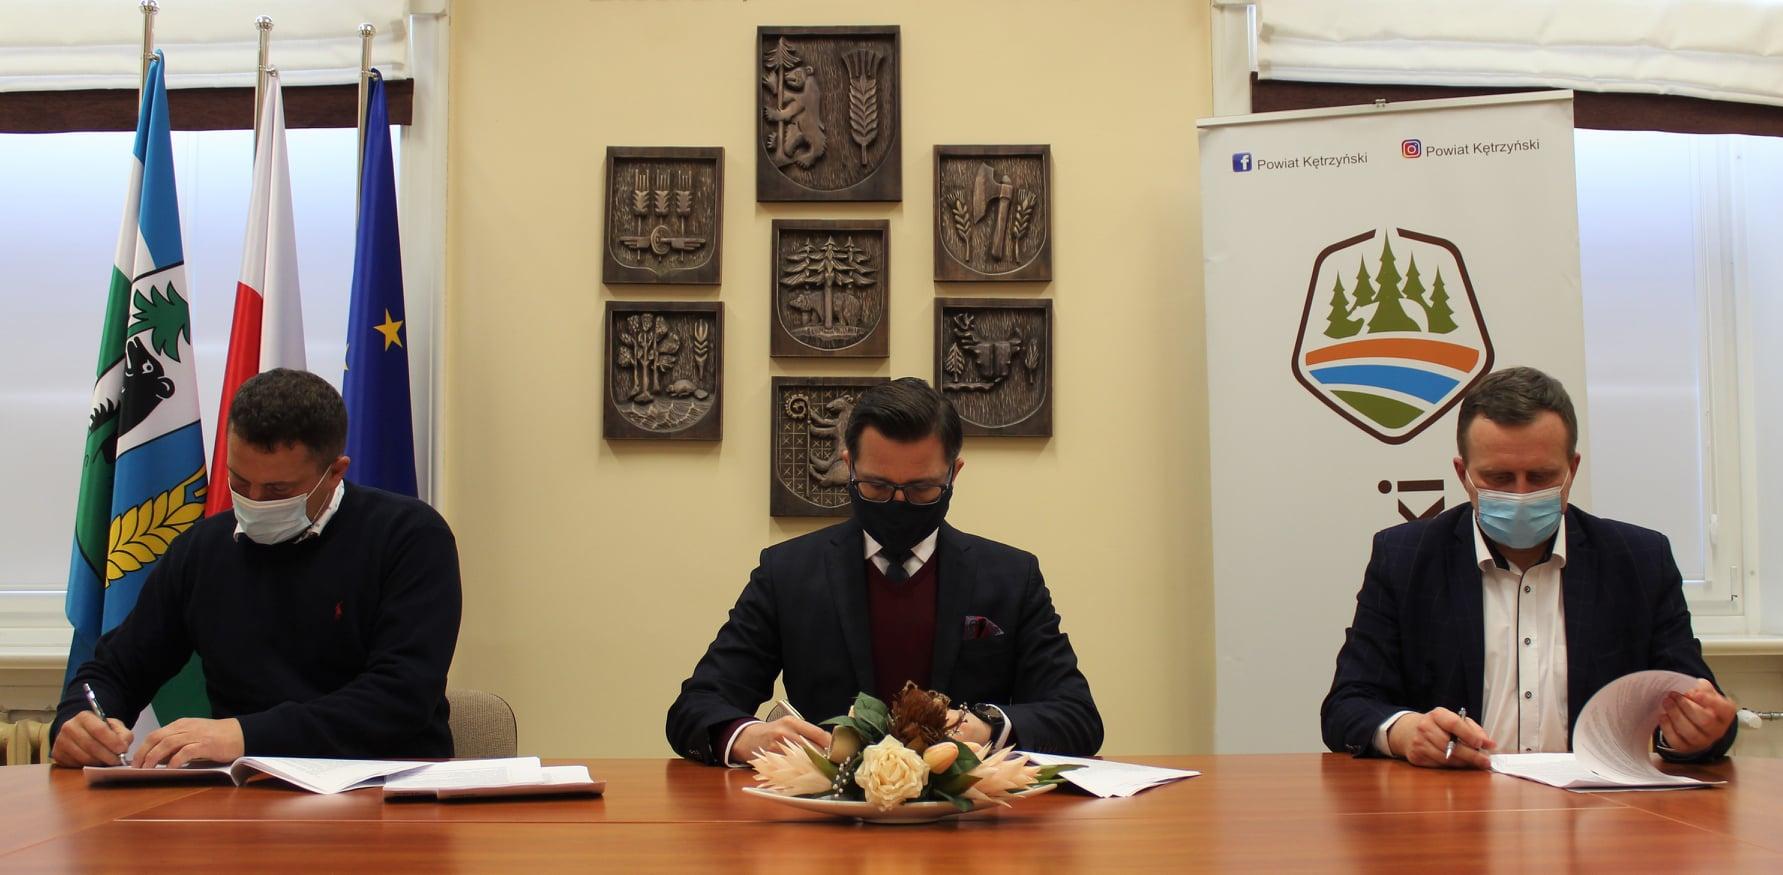 Zdjęcie przedstawia starostę kętrzyńskiego Michała Kochanowskiego, wicestarostę Andrzeja Lewandowskiego oraz wykonawcę inwestycji Karola Szymon Siłkowskiego podpisujących umowę